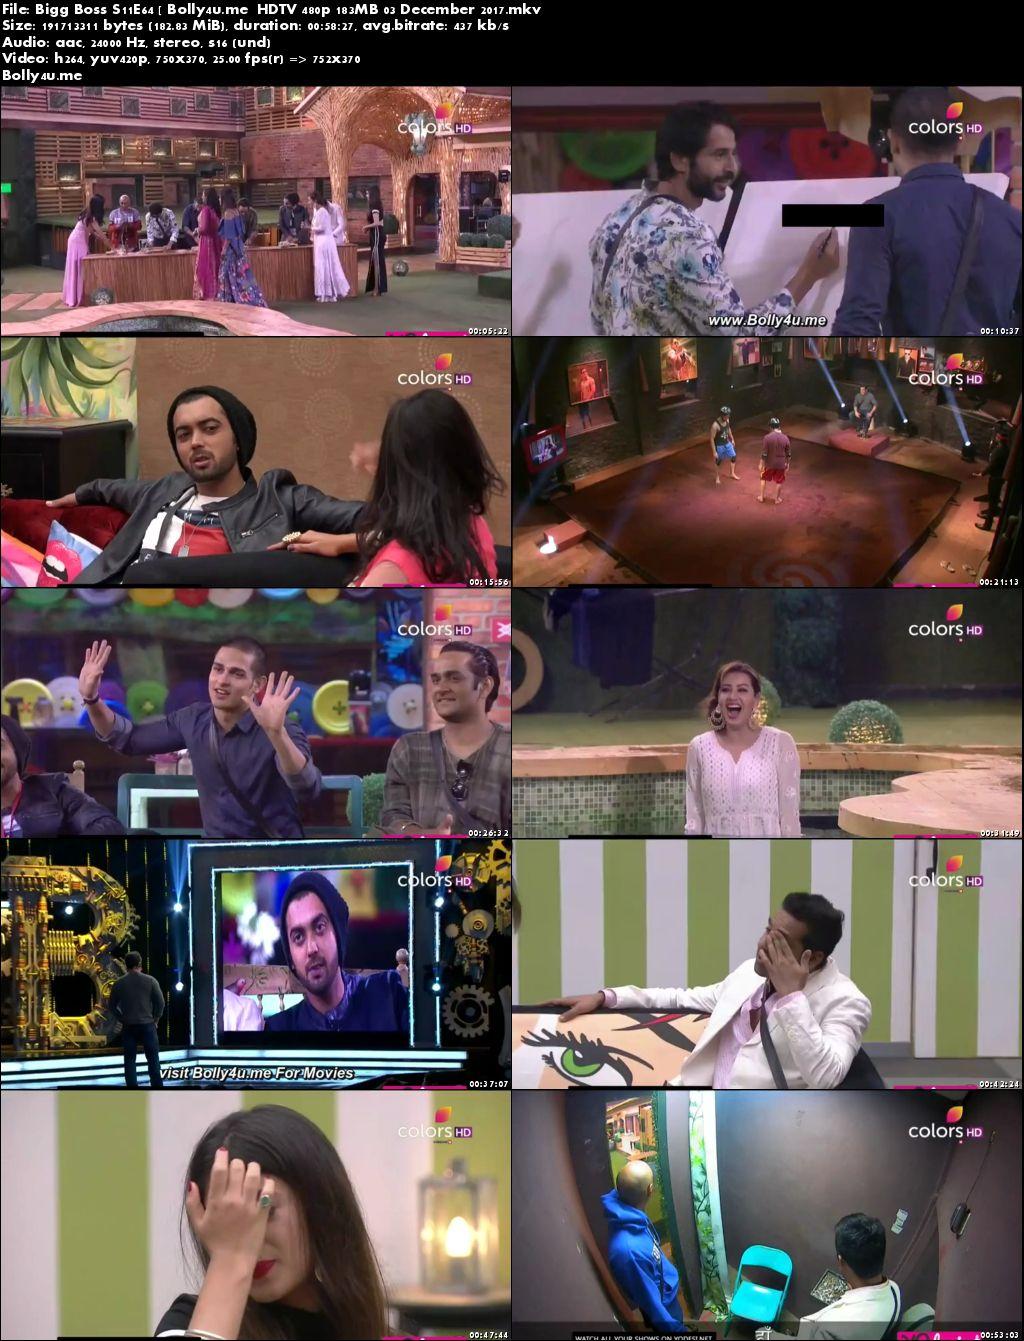 Bigg Boss S11E64 HDTV 480p 180MB 03 Dec 2017 Download